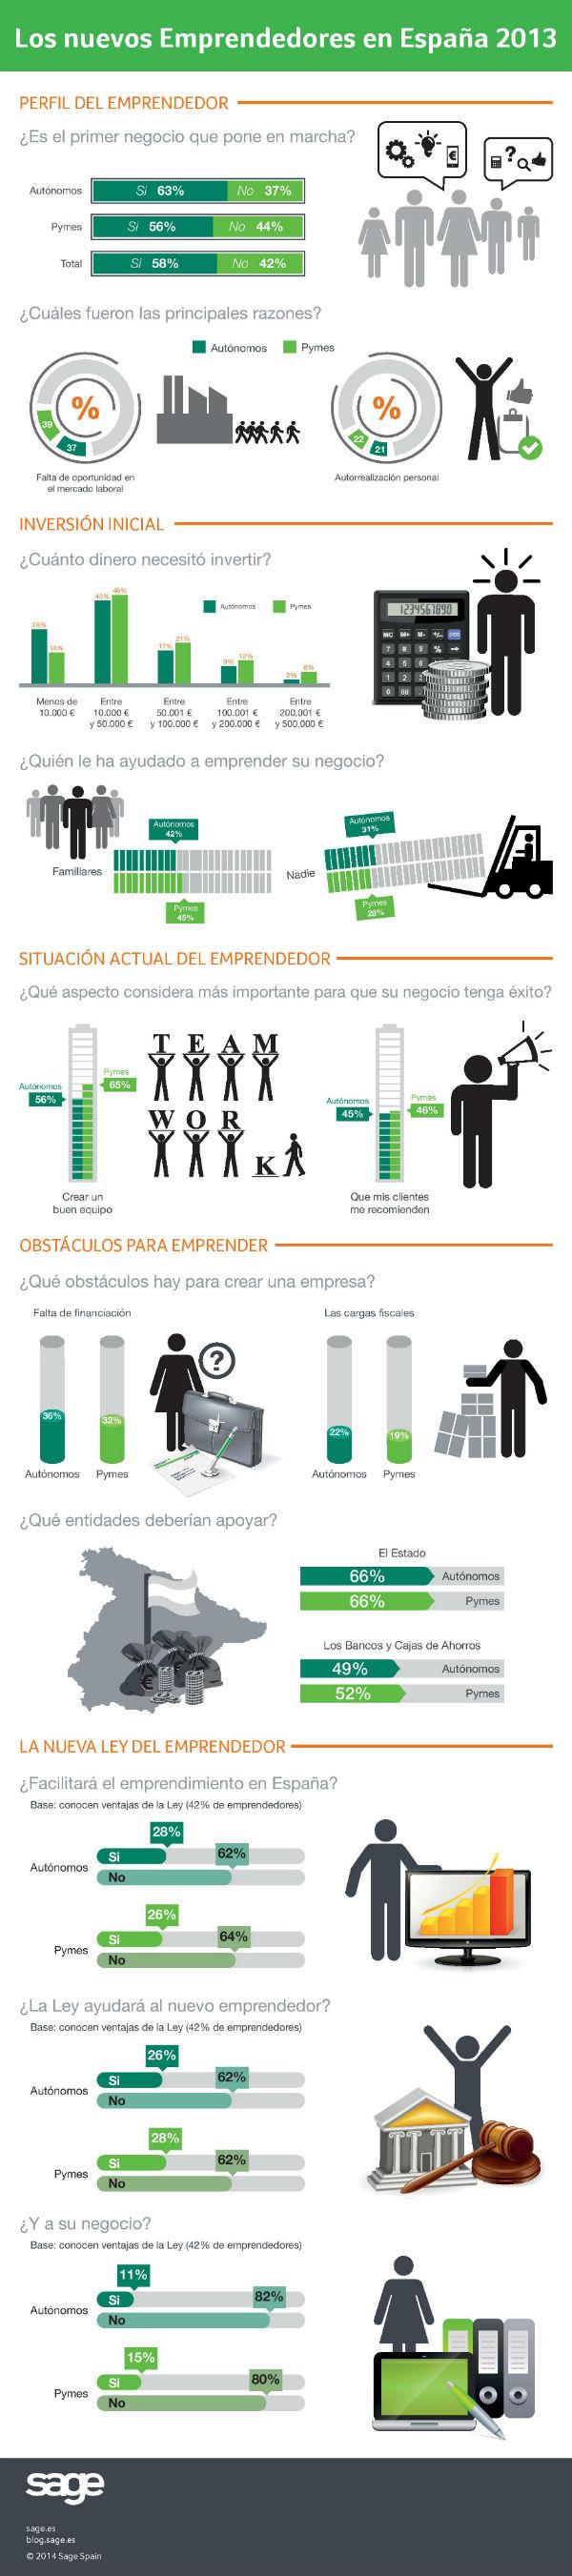 18F_Infografía - Los nuevos emprendedores en España 2013-page-001